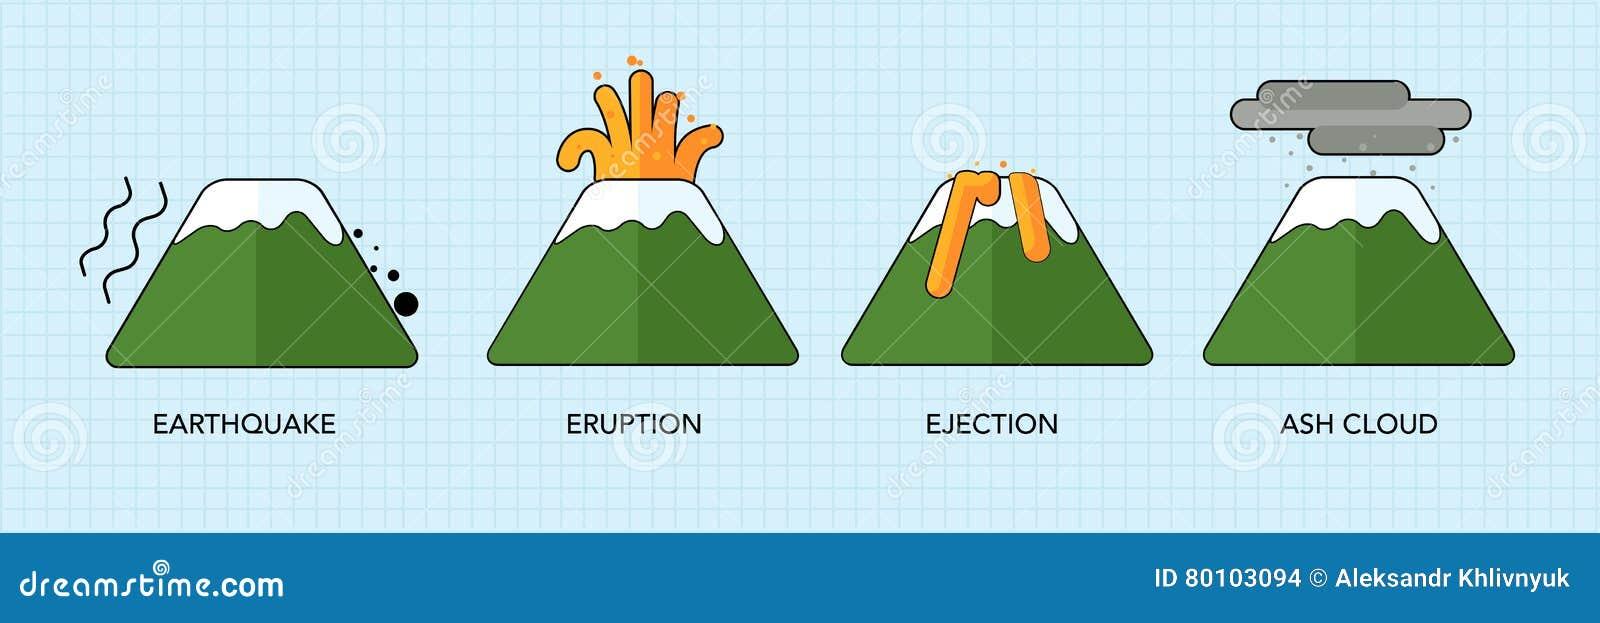 Logotipo da erupção do vulcão, ilustração no fundo branco